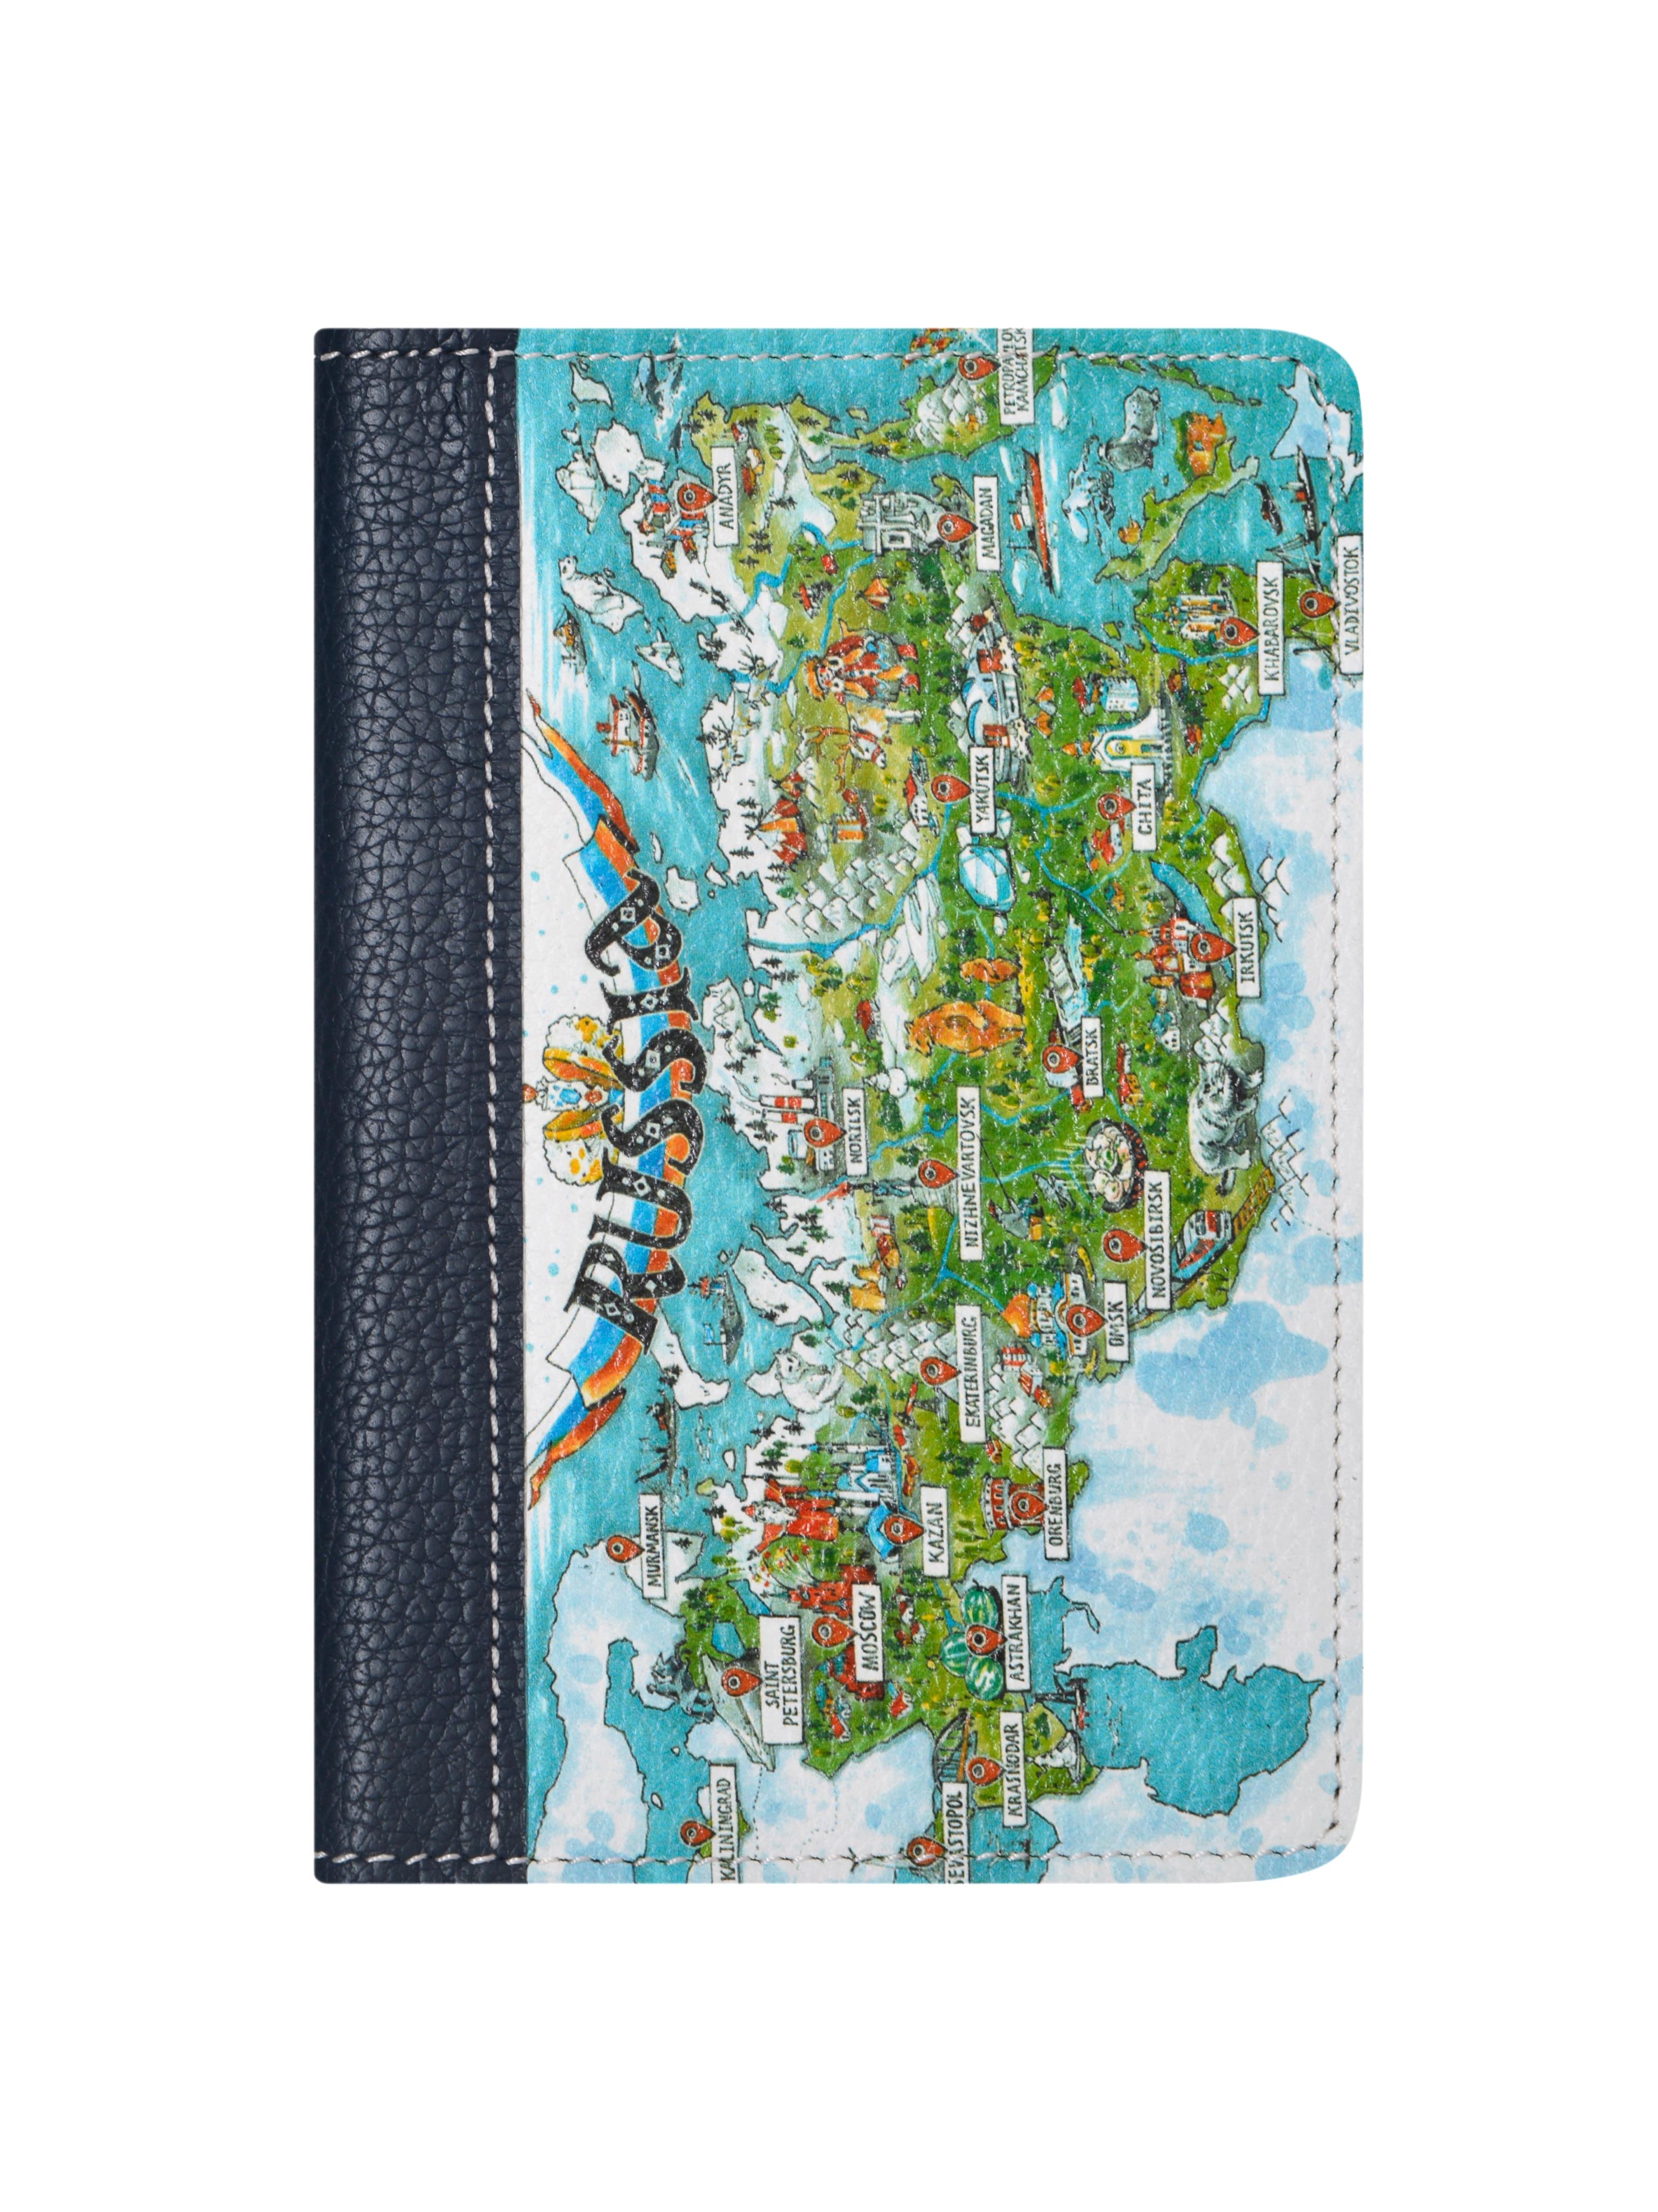 Couverture passeport croquis grande russie, cuir véritable woodsurf visages & lieux, cadeau pour voyageur.